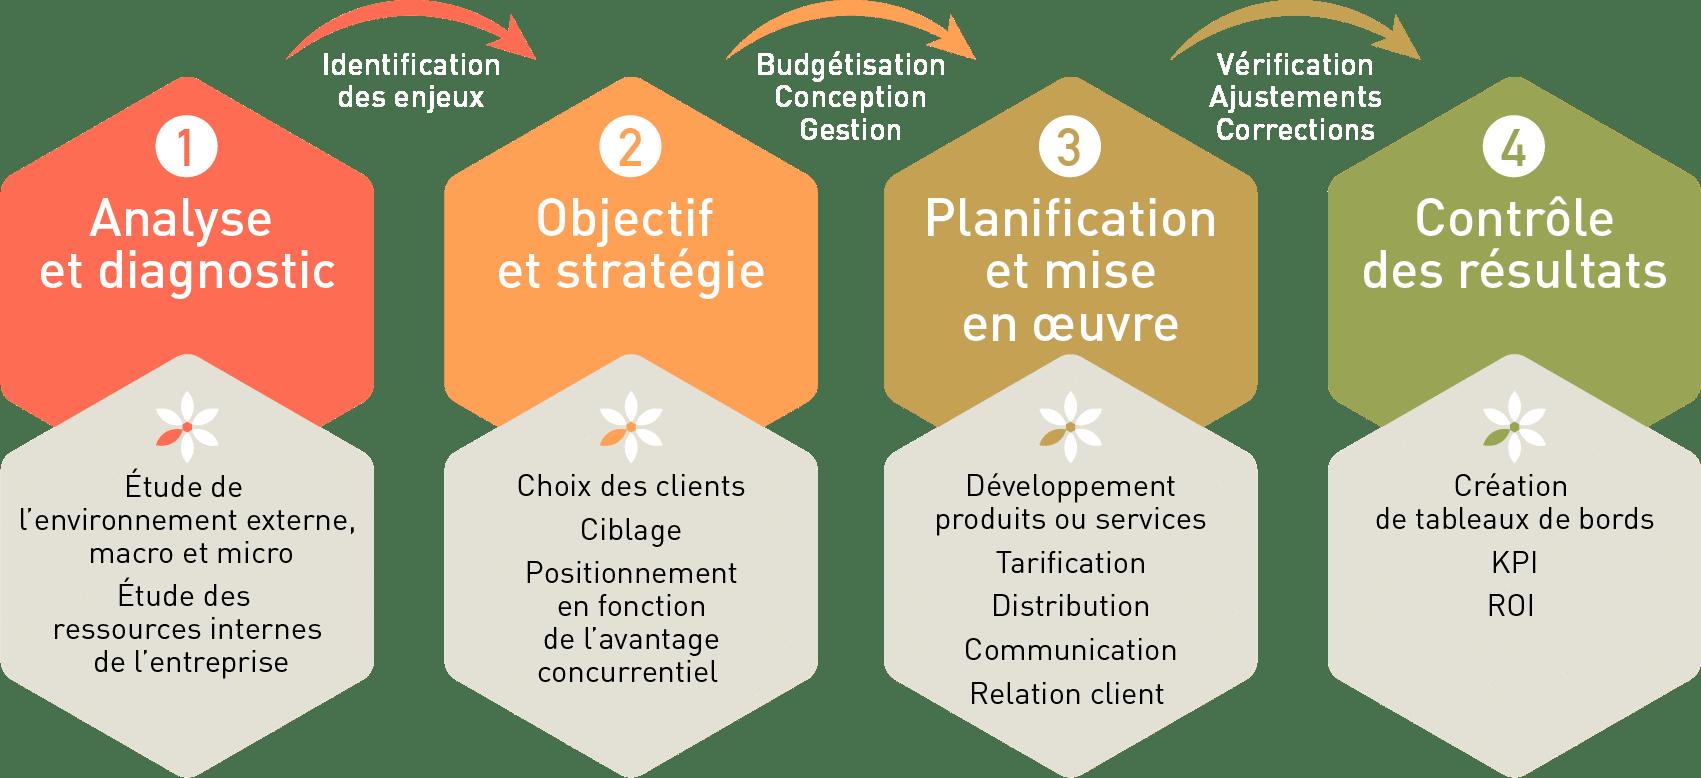 Schéma représentant la démarche marketing en 4 étapes